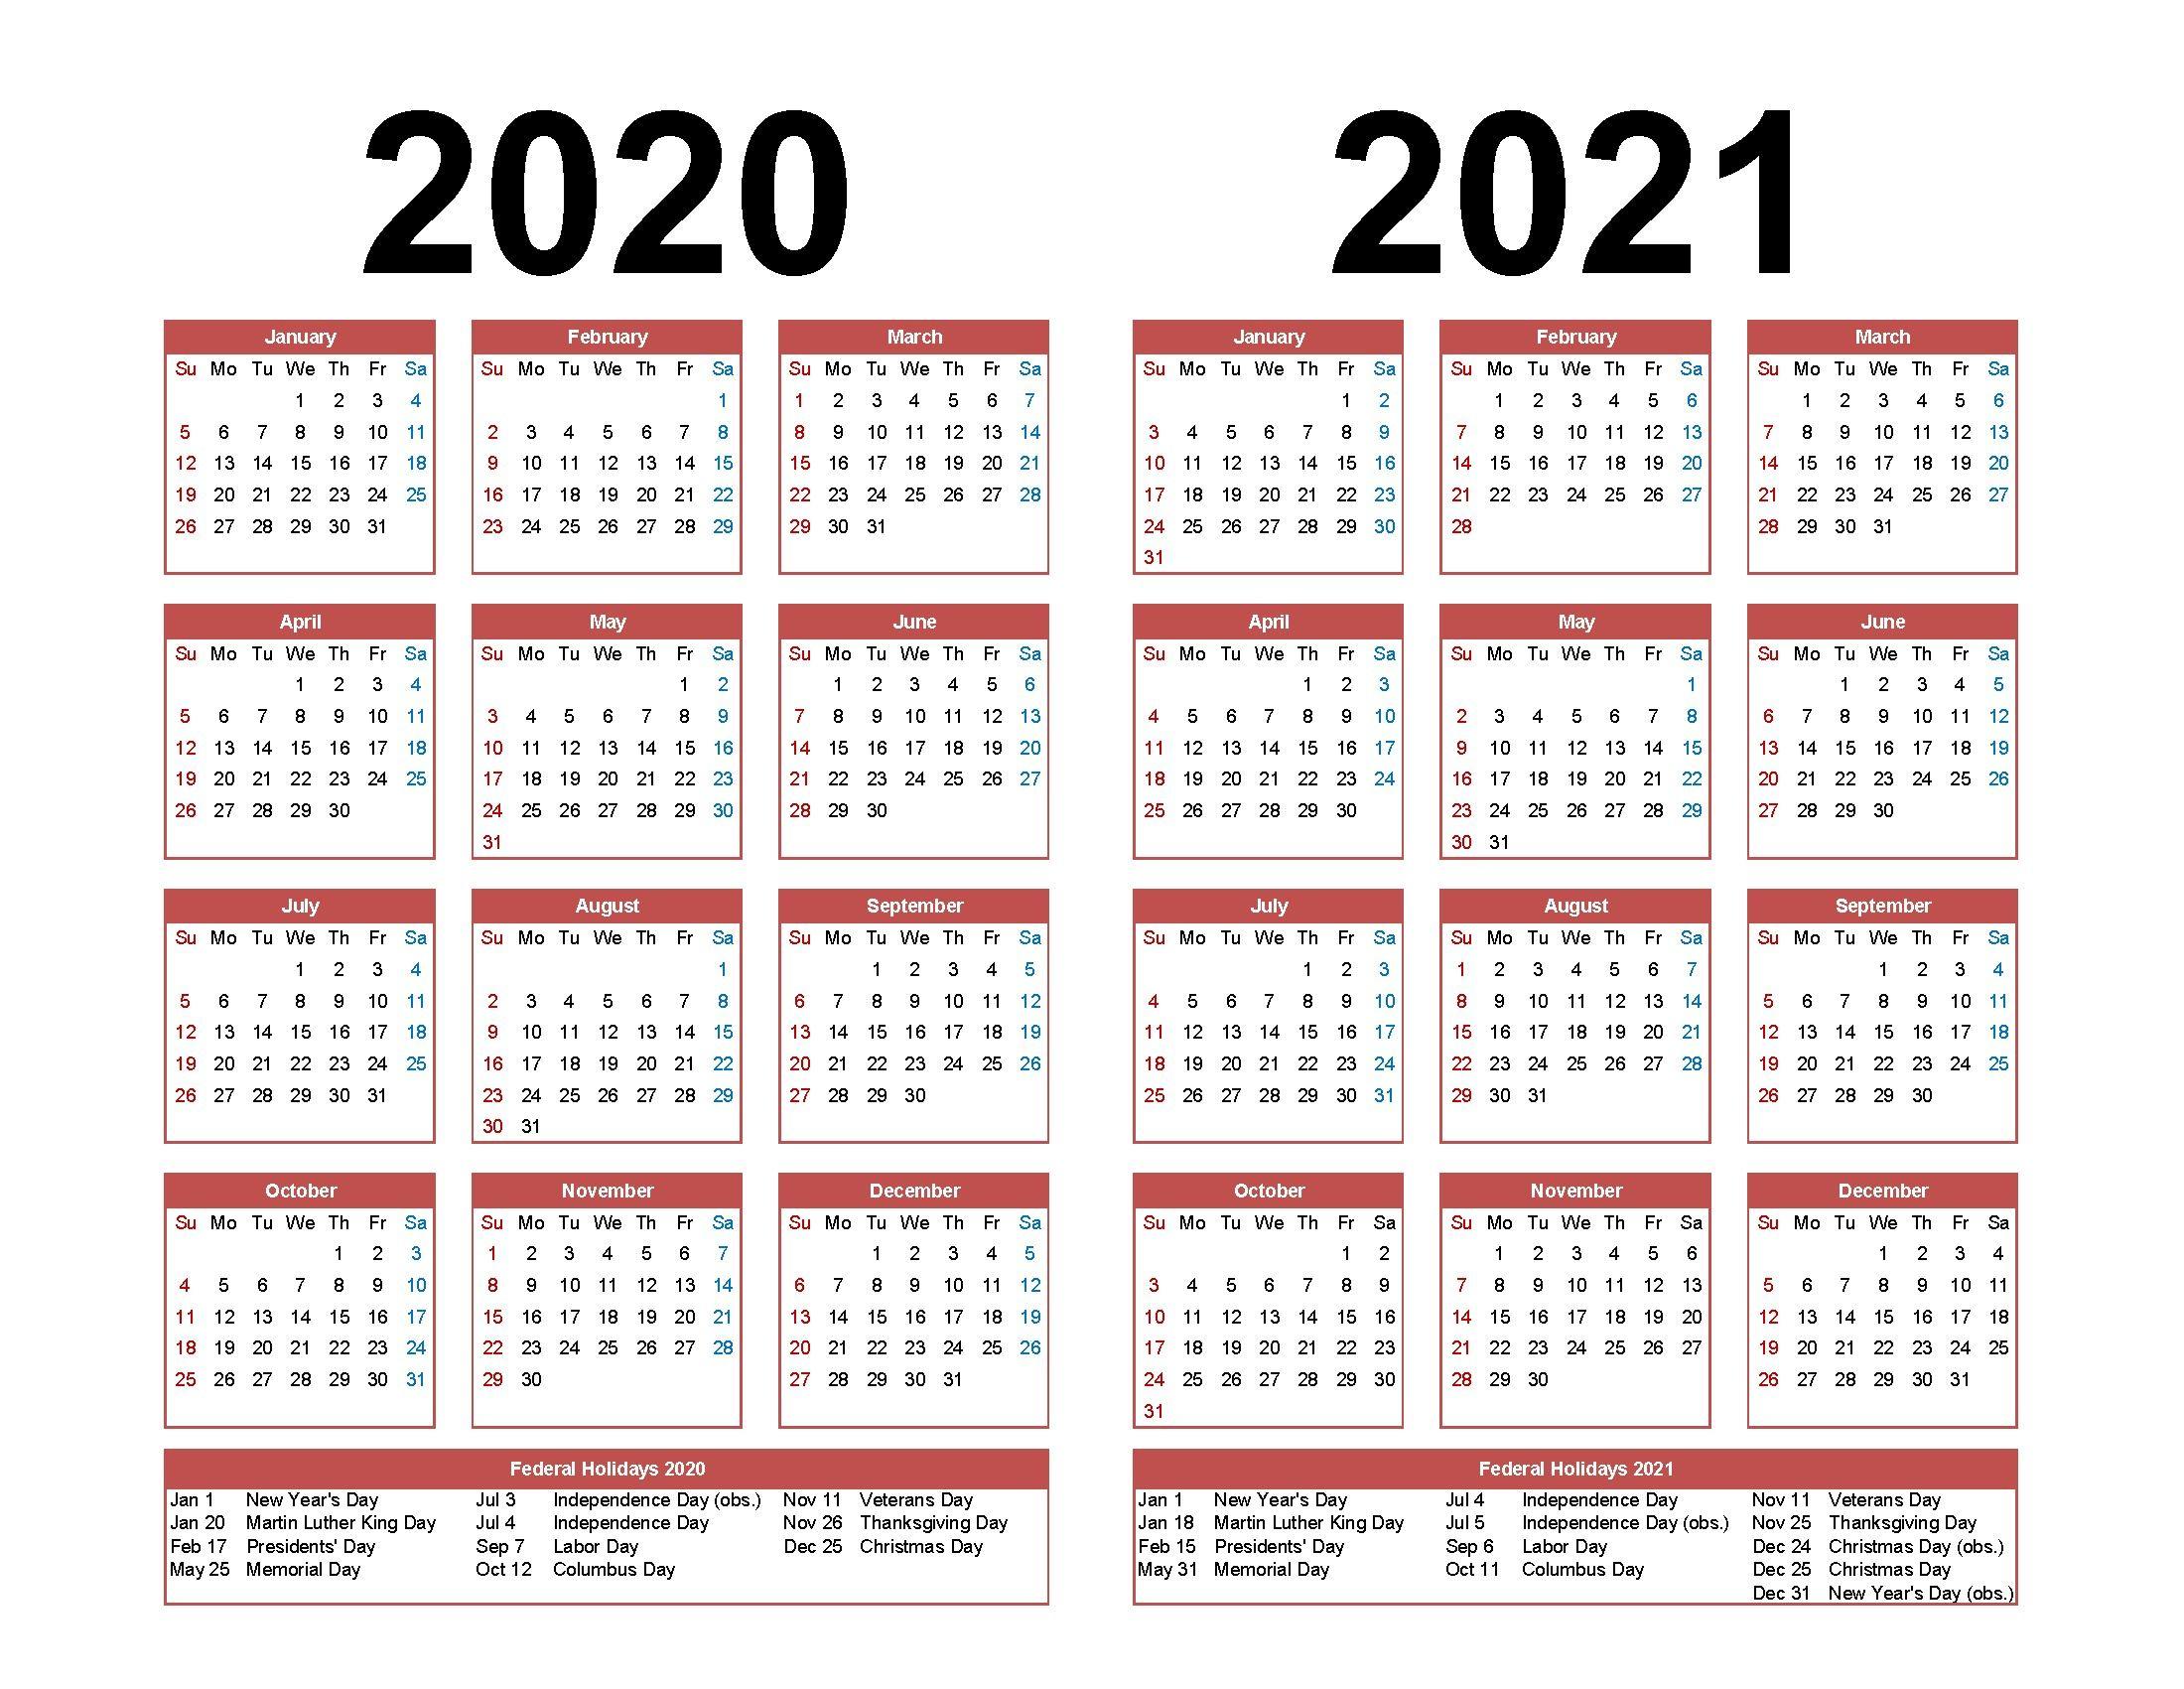 Online Printable Calendar 2021 2 Years In 2020 | Printable inside 2021-2021 Two Year Planner: 2 Year